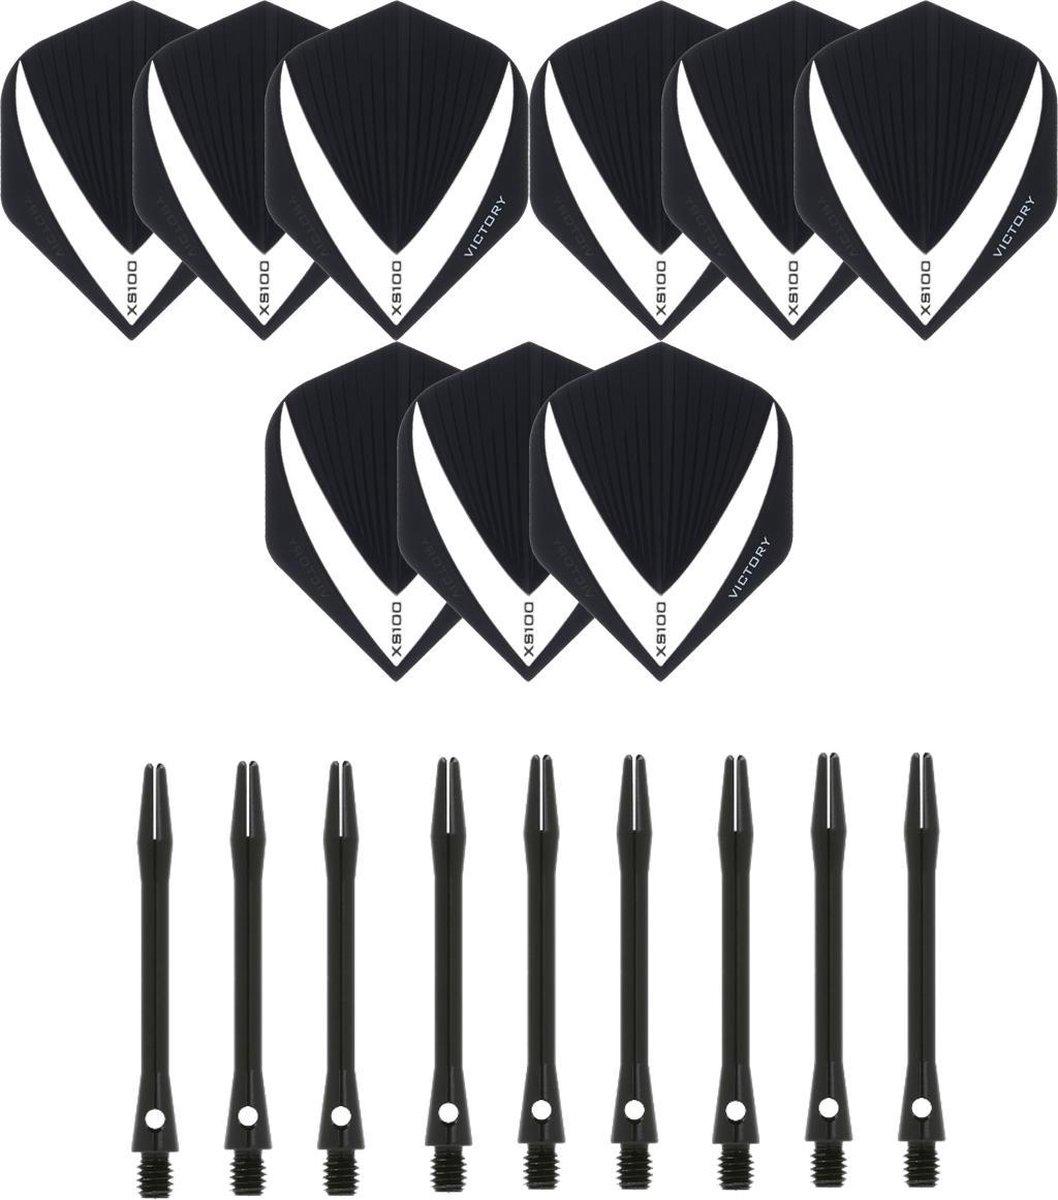 3 sets (9 stuks) Super Sterke - Wit/Clear - Vista-X - darts flights - inclusief 3 sets (9 stuks) - medium - Aluminium - zwart - darts shafts